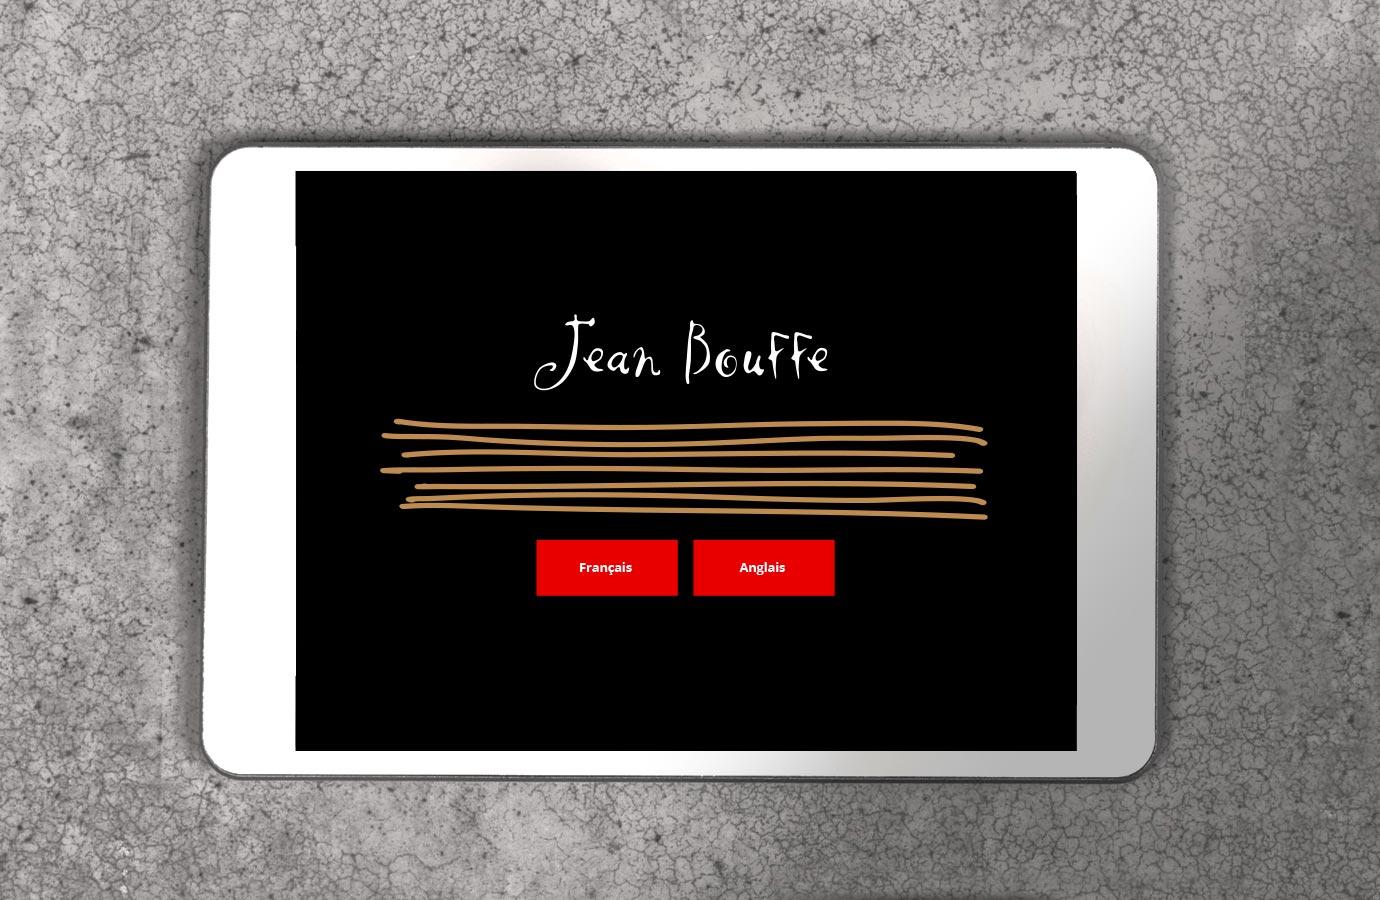 Application de commandes pour Jean Bouffe